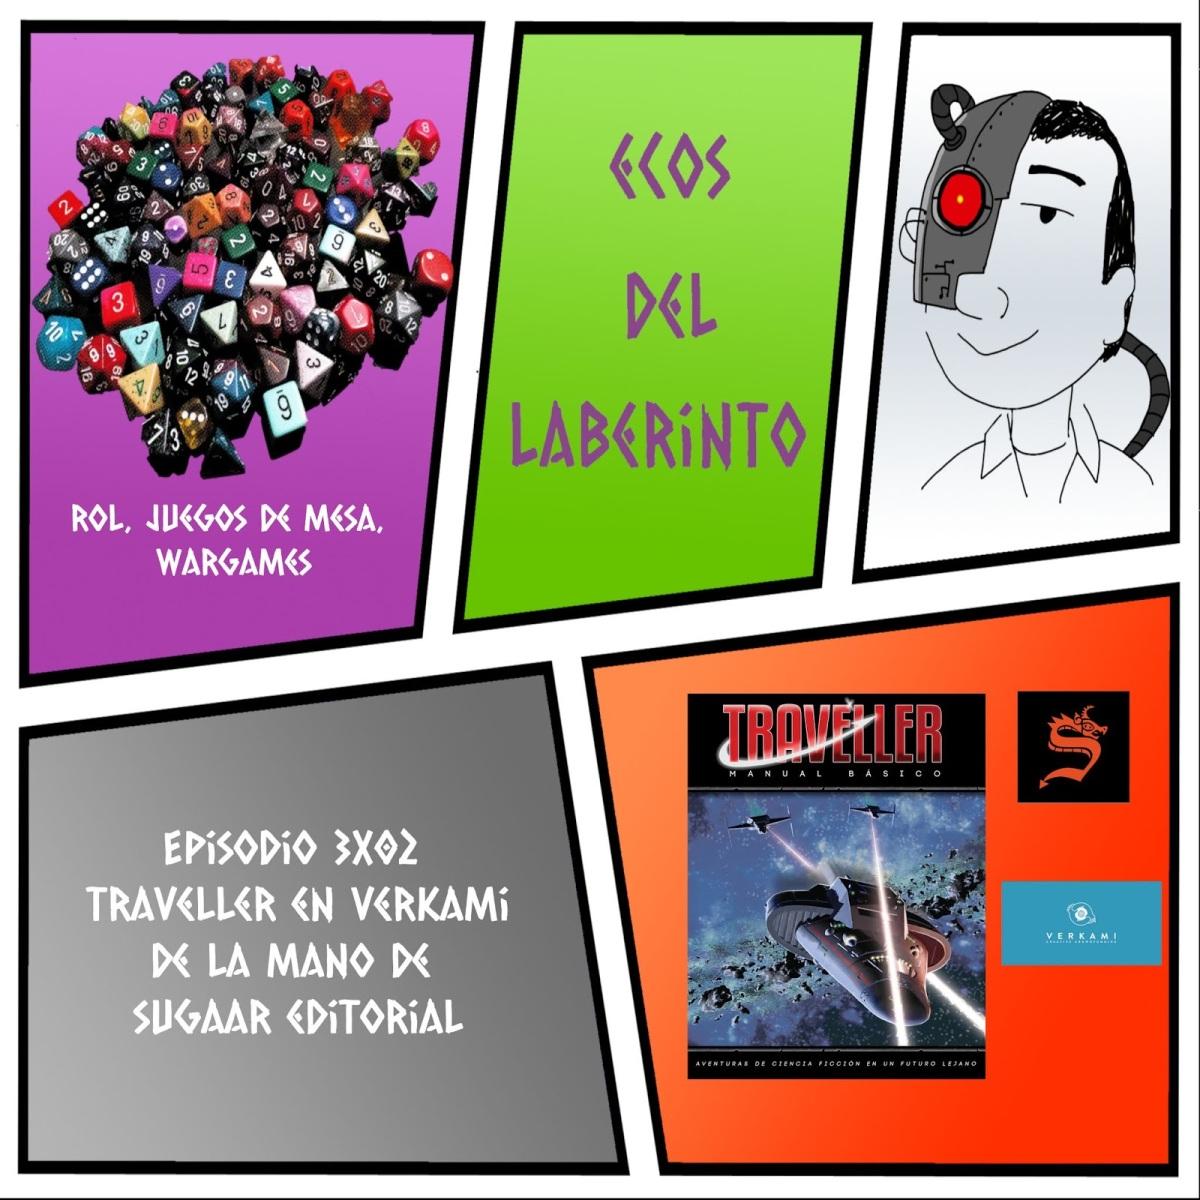 Traveller en Verkami – Ecos del Laberinto3×02